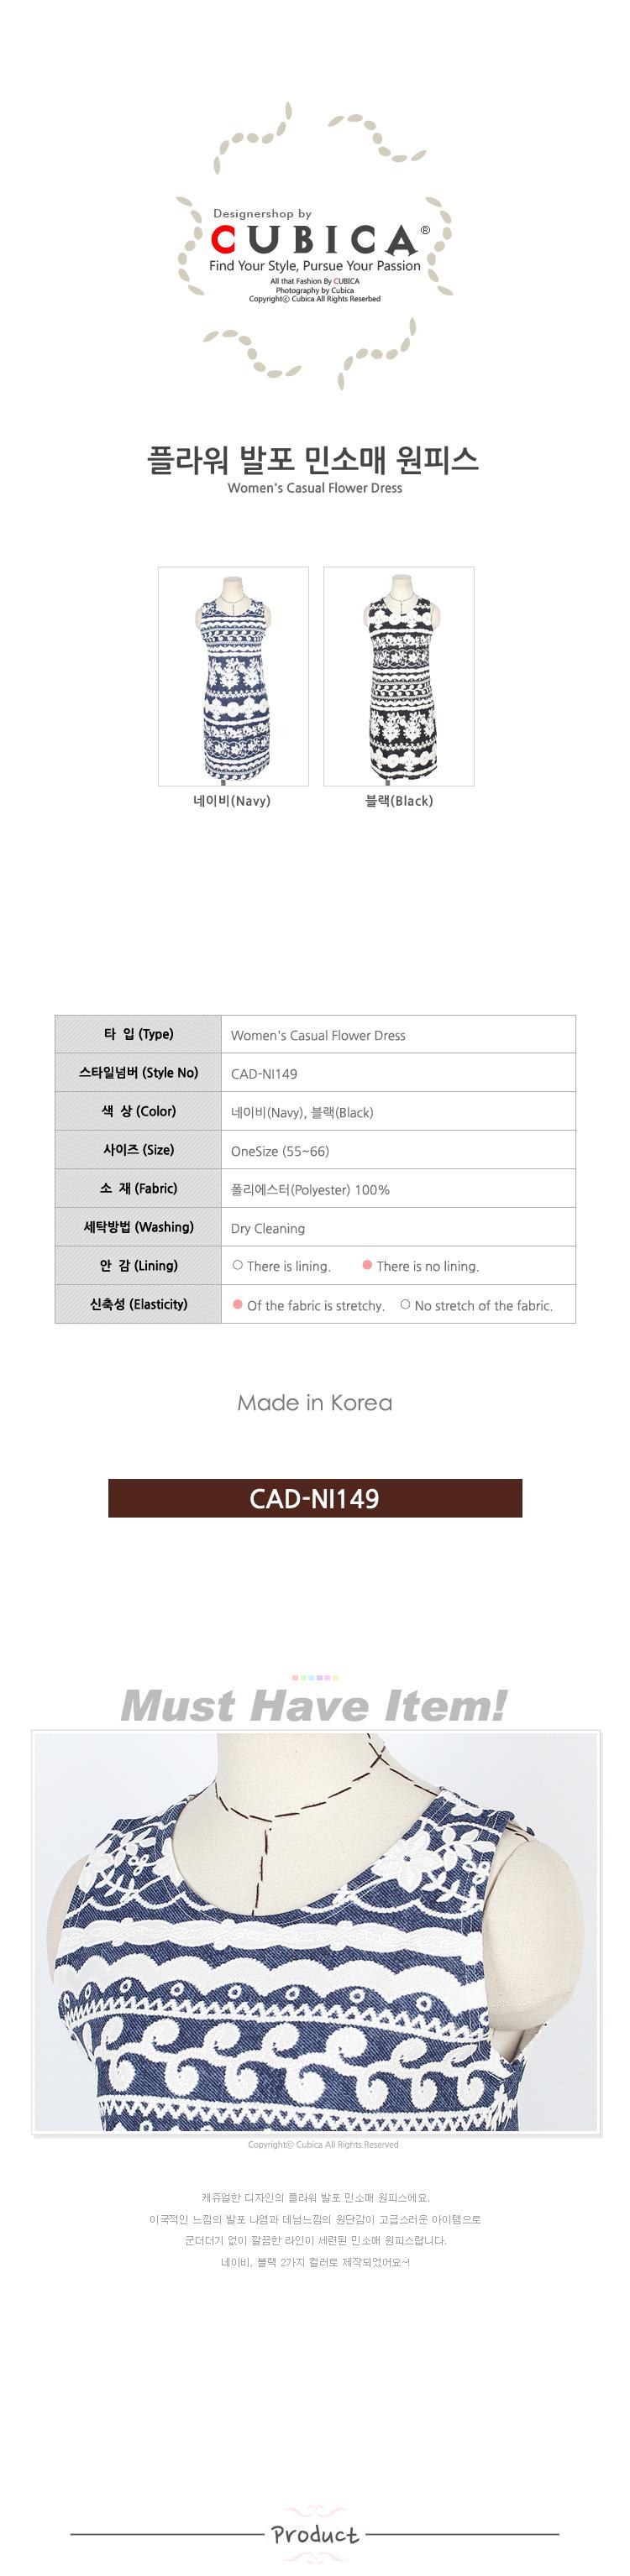 멀티 플라워 발포 민소매 미니 원피스 NI149 - 쿠비카, 15,130원, 원피스, 롱/미디원피스